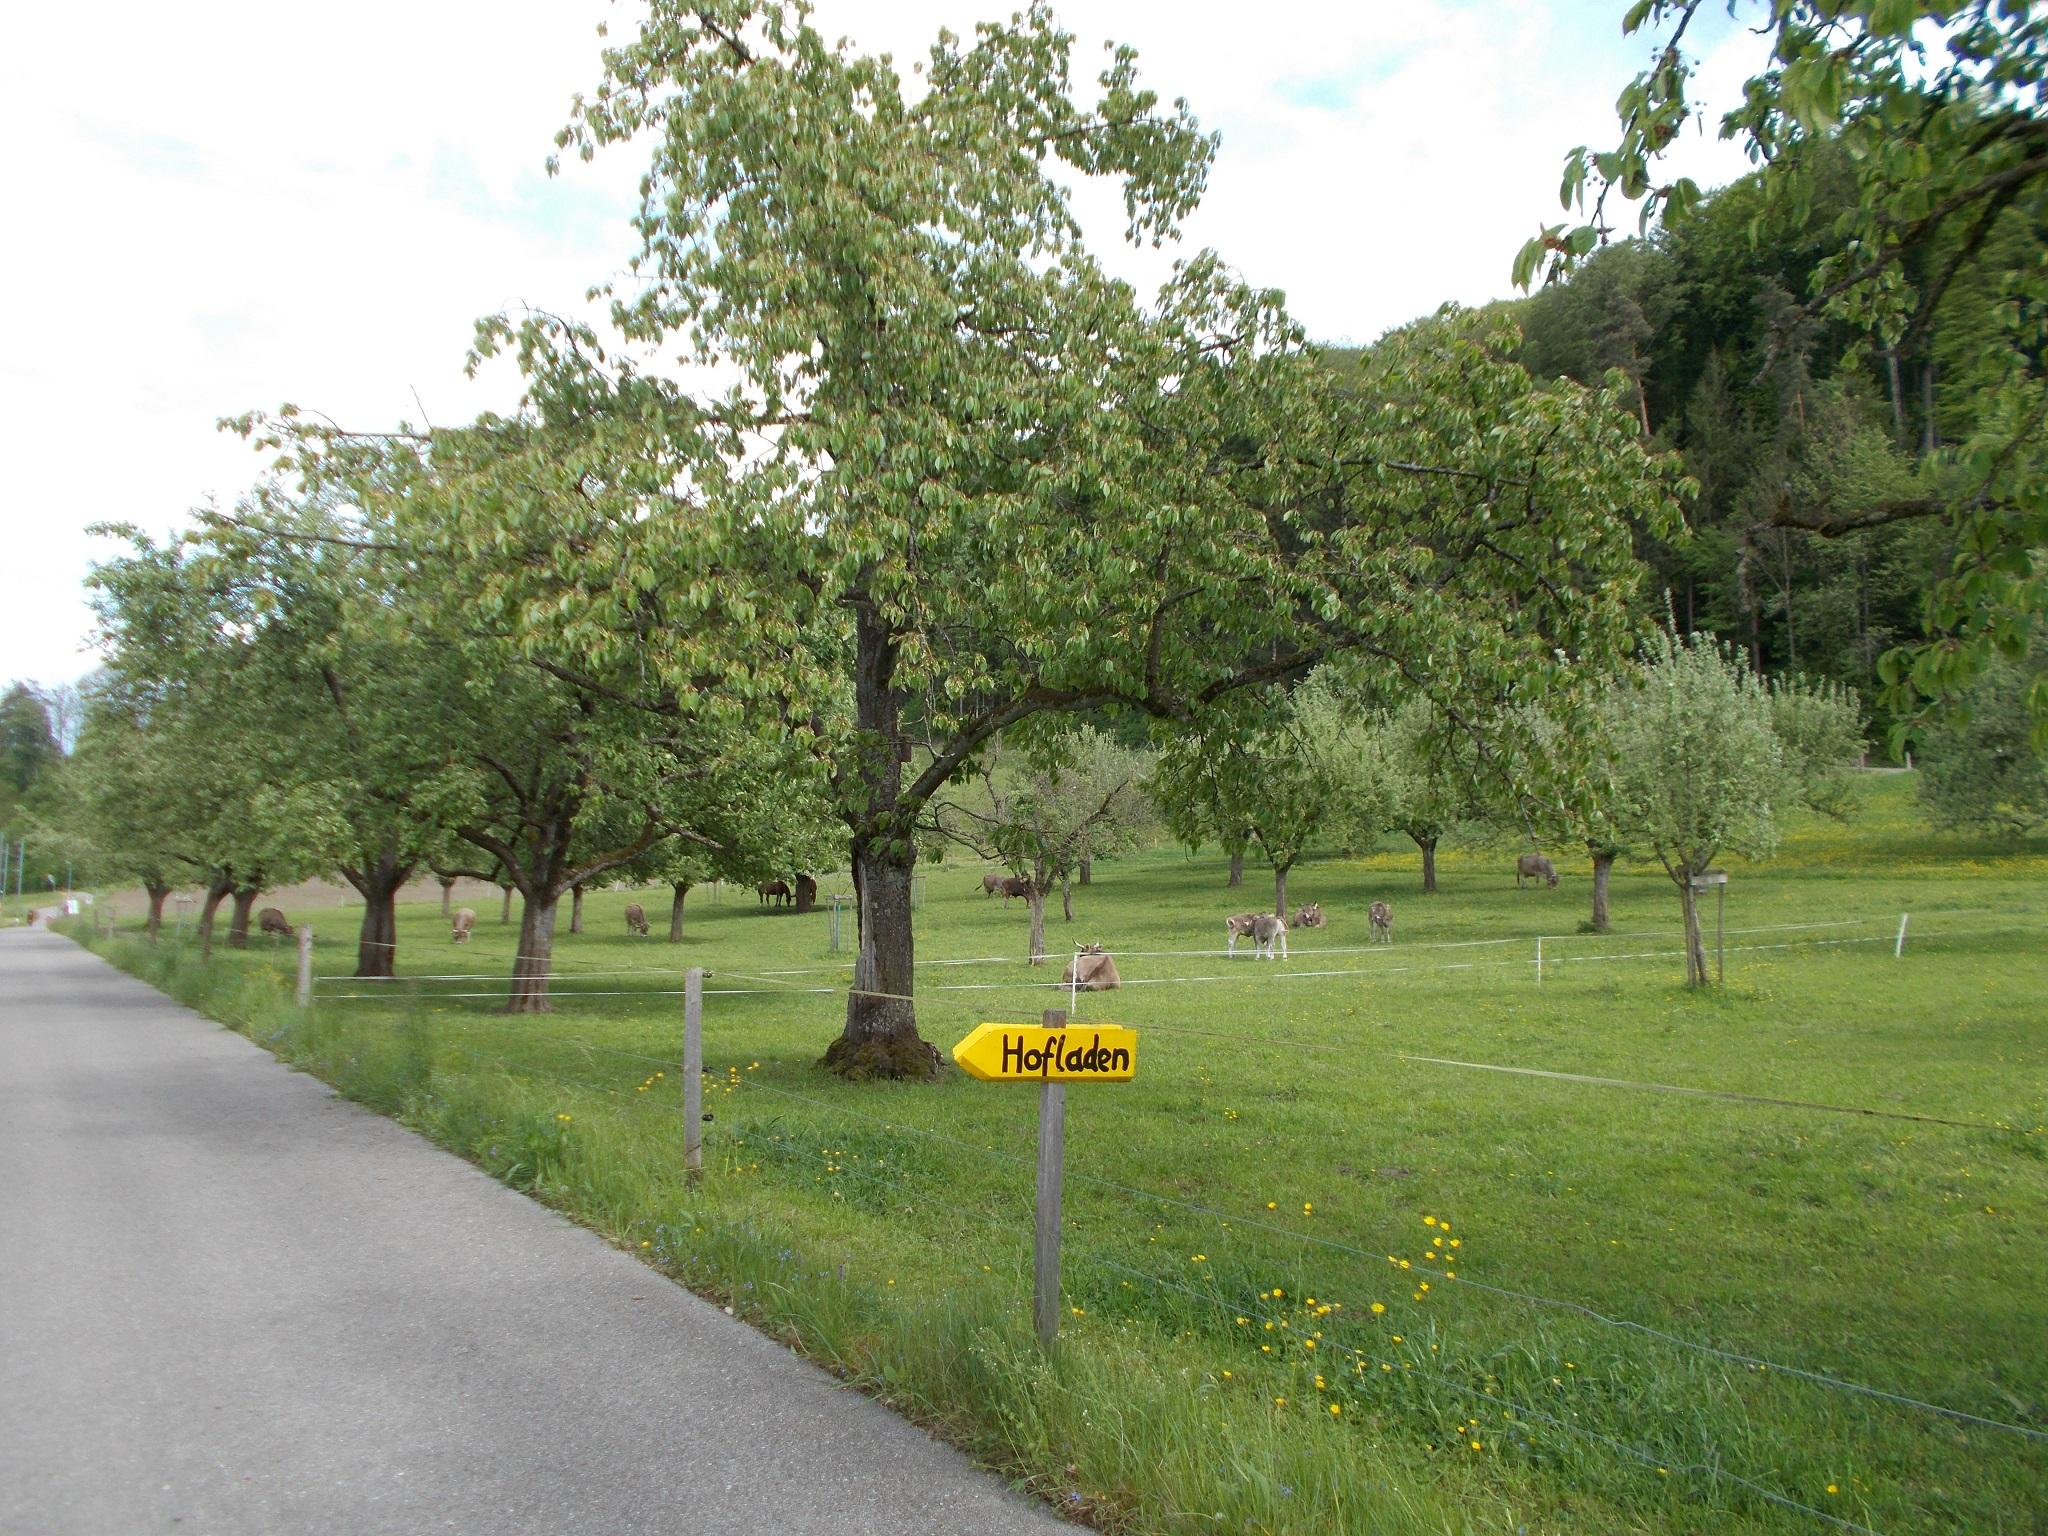 Cows feeding in a small roadside field in Switzerland.